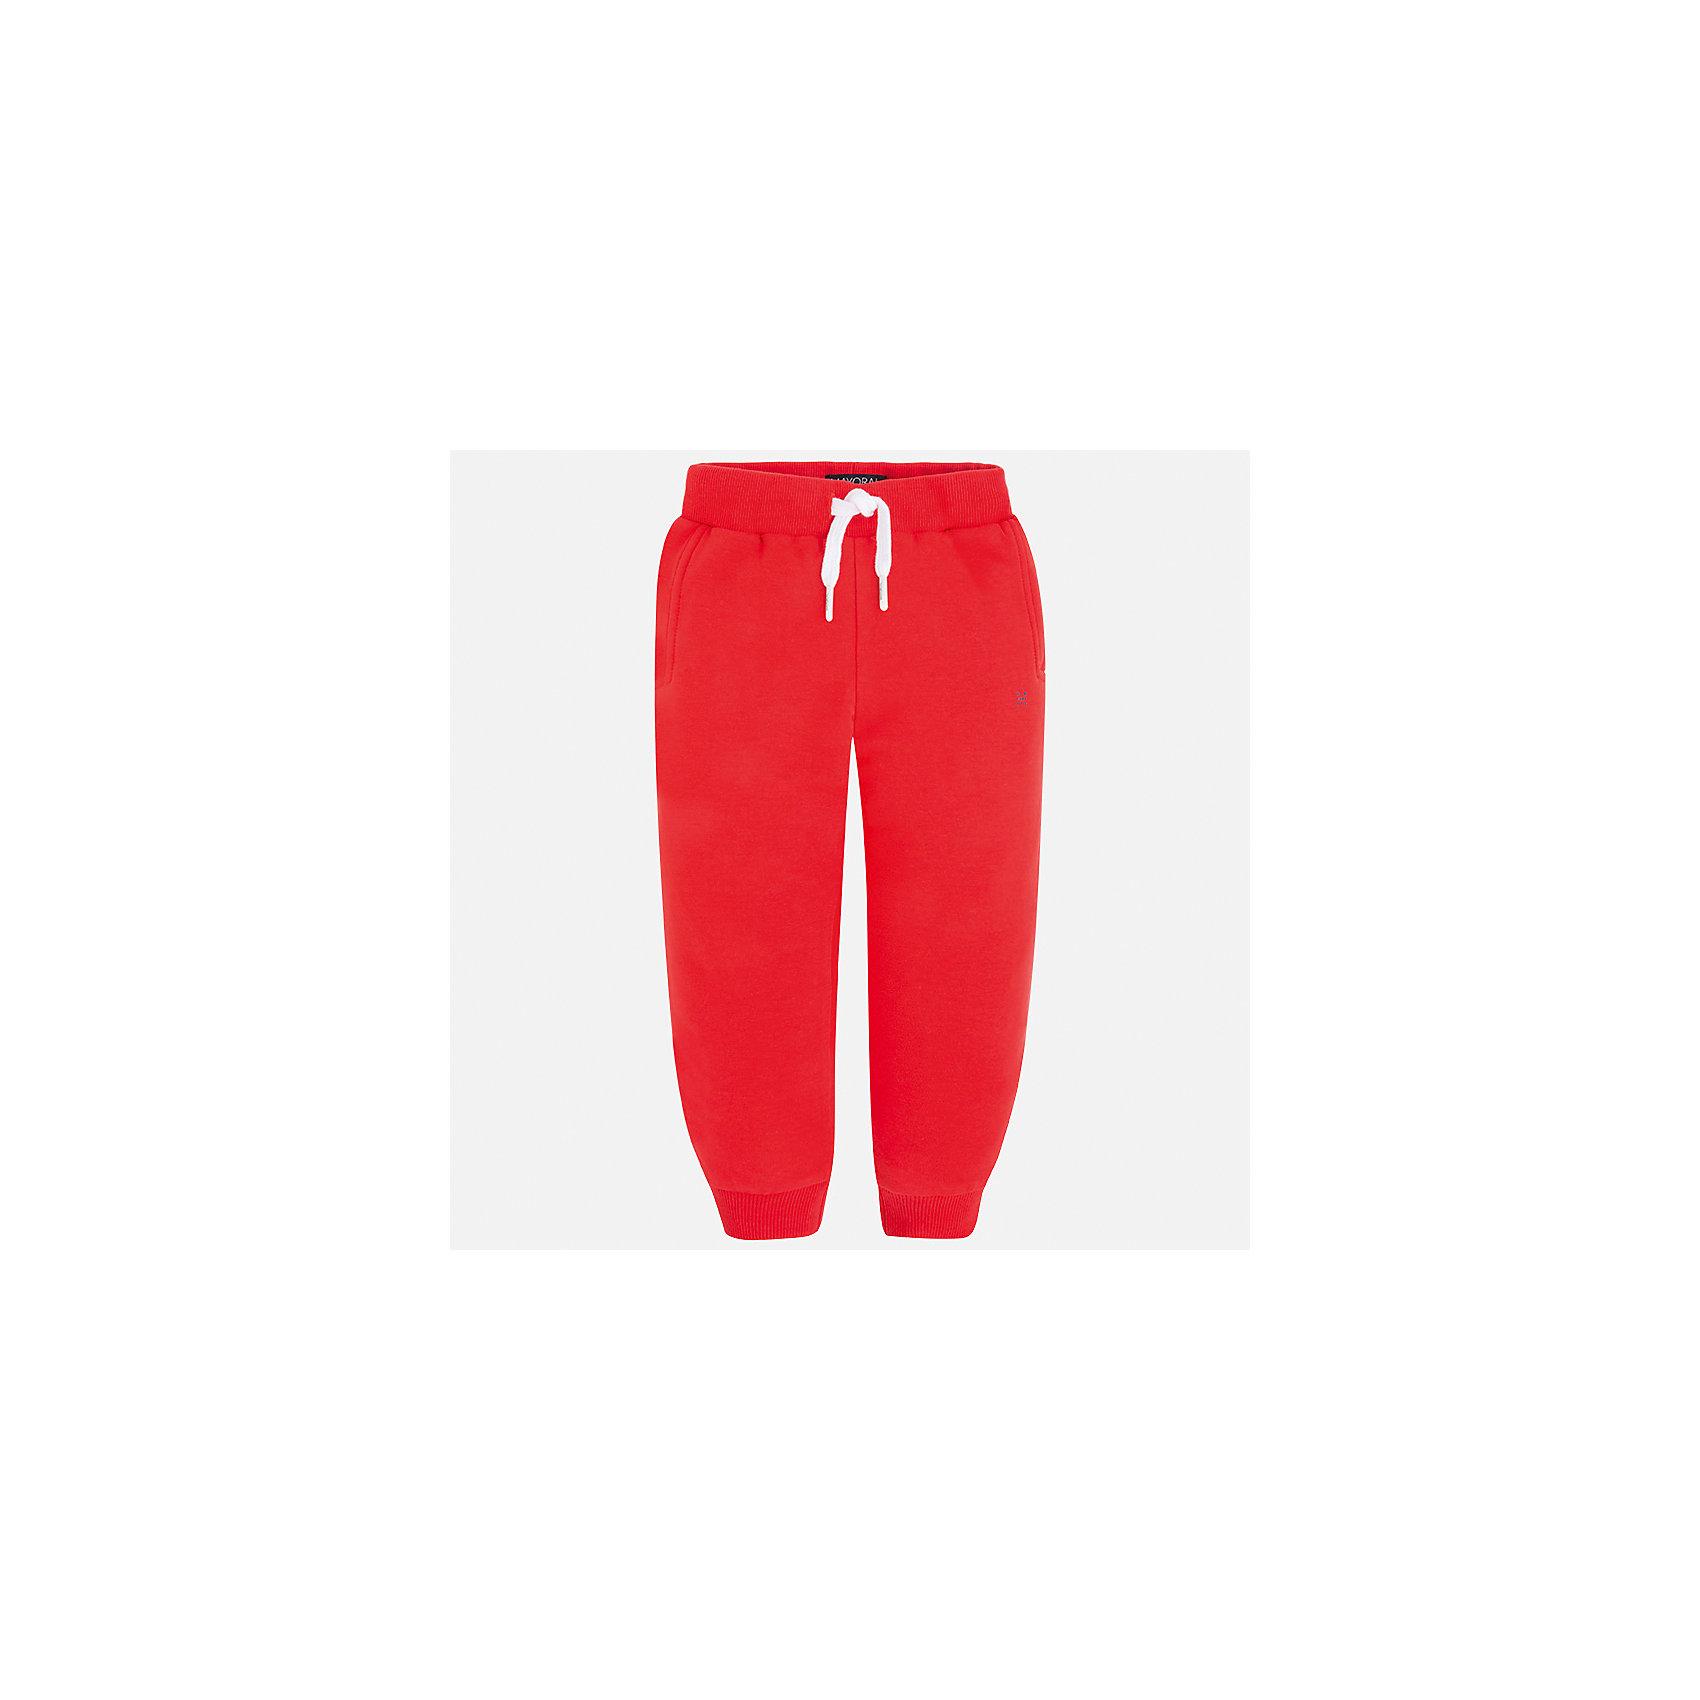 Брюки для мальчика MayoralБрюки<br>Характеристики товара:<br><br>• цвет: серый<br>• состав: 57% хлопок, 38% полиэстер, 5% эластан<br>• манжеты<br>• карманы<br>• пояс - широкая резинка и шнурок<br>• страна бренда: Испания<br><br>Спортивные брюки для мальчика помогут обеспечить ребенку комфорт. Они отлично сочетаются с майками, футболками, куртками и т.д. Универсальный крой и цвет позволяет подобрать к вещи верх разных расцветок. Практичное и стильное изделие! В составе материала - натуральный хлопок, гипоаллергенный, приятный на ощупь, дышащий.<br><br>Одежда, обувь и аксессуары от испанского бренда Mayoral полюбились детям и взрослым по всему миру. Модели этой марки - стильные и удобные. Для их производства используются только безопасные, качественные материалы и фурнитура. Порадуйте ребенка модными и красивыми вещами от Mayoral! <br><br>Брюки для мальчика от испанского бренда Mayoral (Майорал) можно купить в нашем интернет-магазине.<br><br>Ширина мм: 215<br>Глубина мм: 88<br>Высота мм: 191<br>Вес г: 336<br>Цвет: красный<br>Возраст от месяцев: 18<br>Возраст до месяцев: 24<br>Пол: Мужской<br>Возраст: Детский<br>Размер: 92,134,128,122,116,110,104,98<br>SKU: 4068811